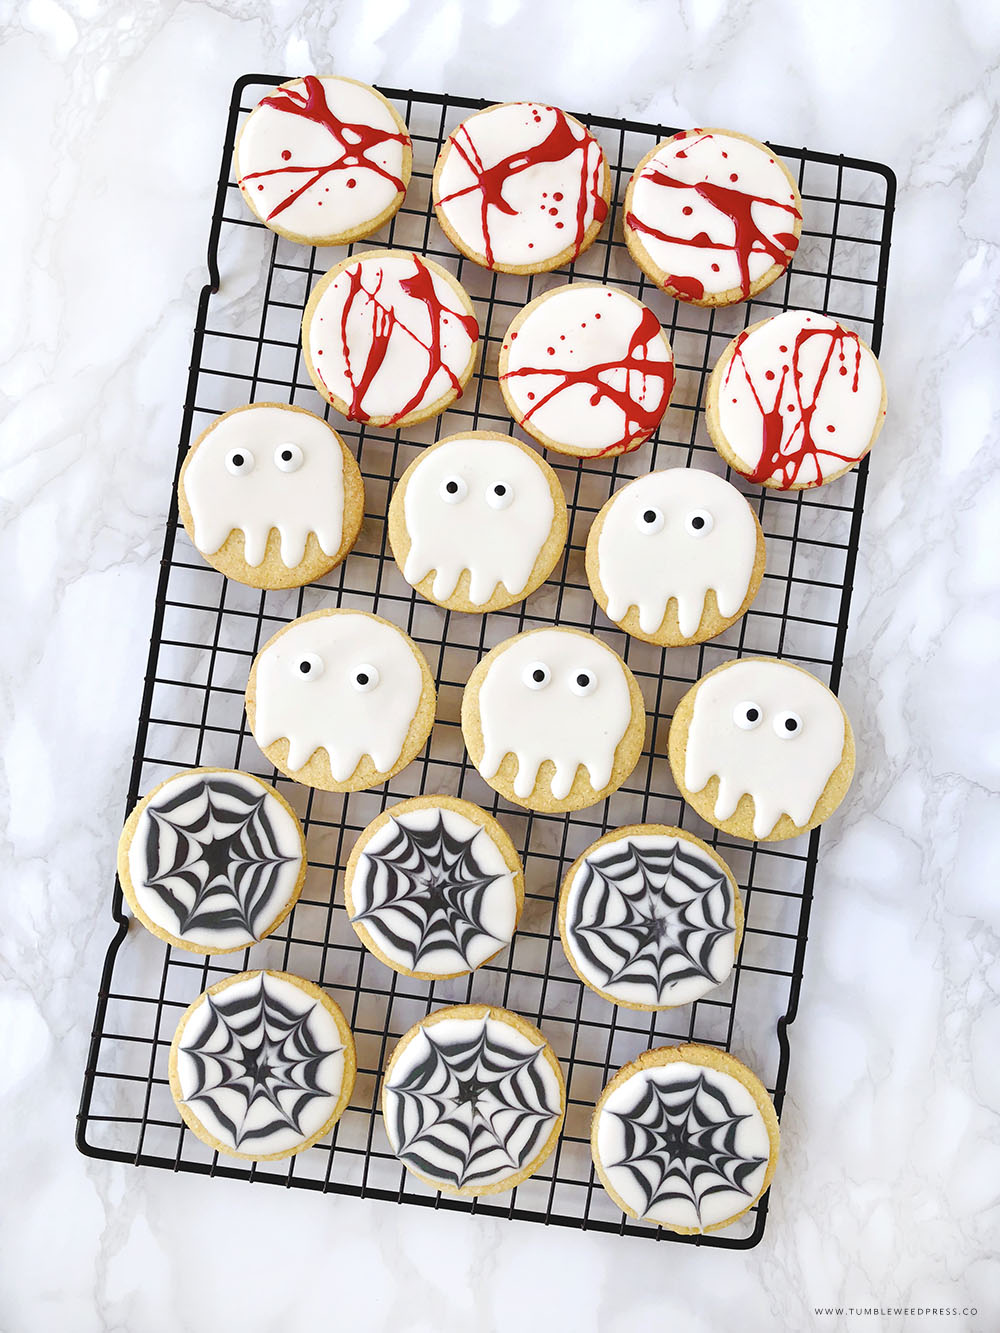 Halloween Cookies Printable Treat Bags by www.TumbleweedPress.Co